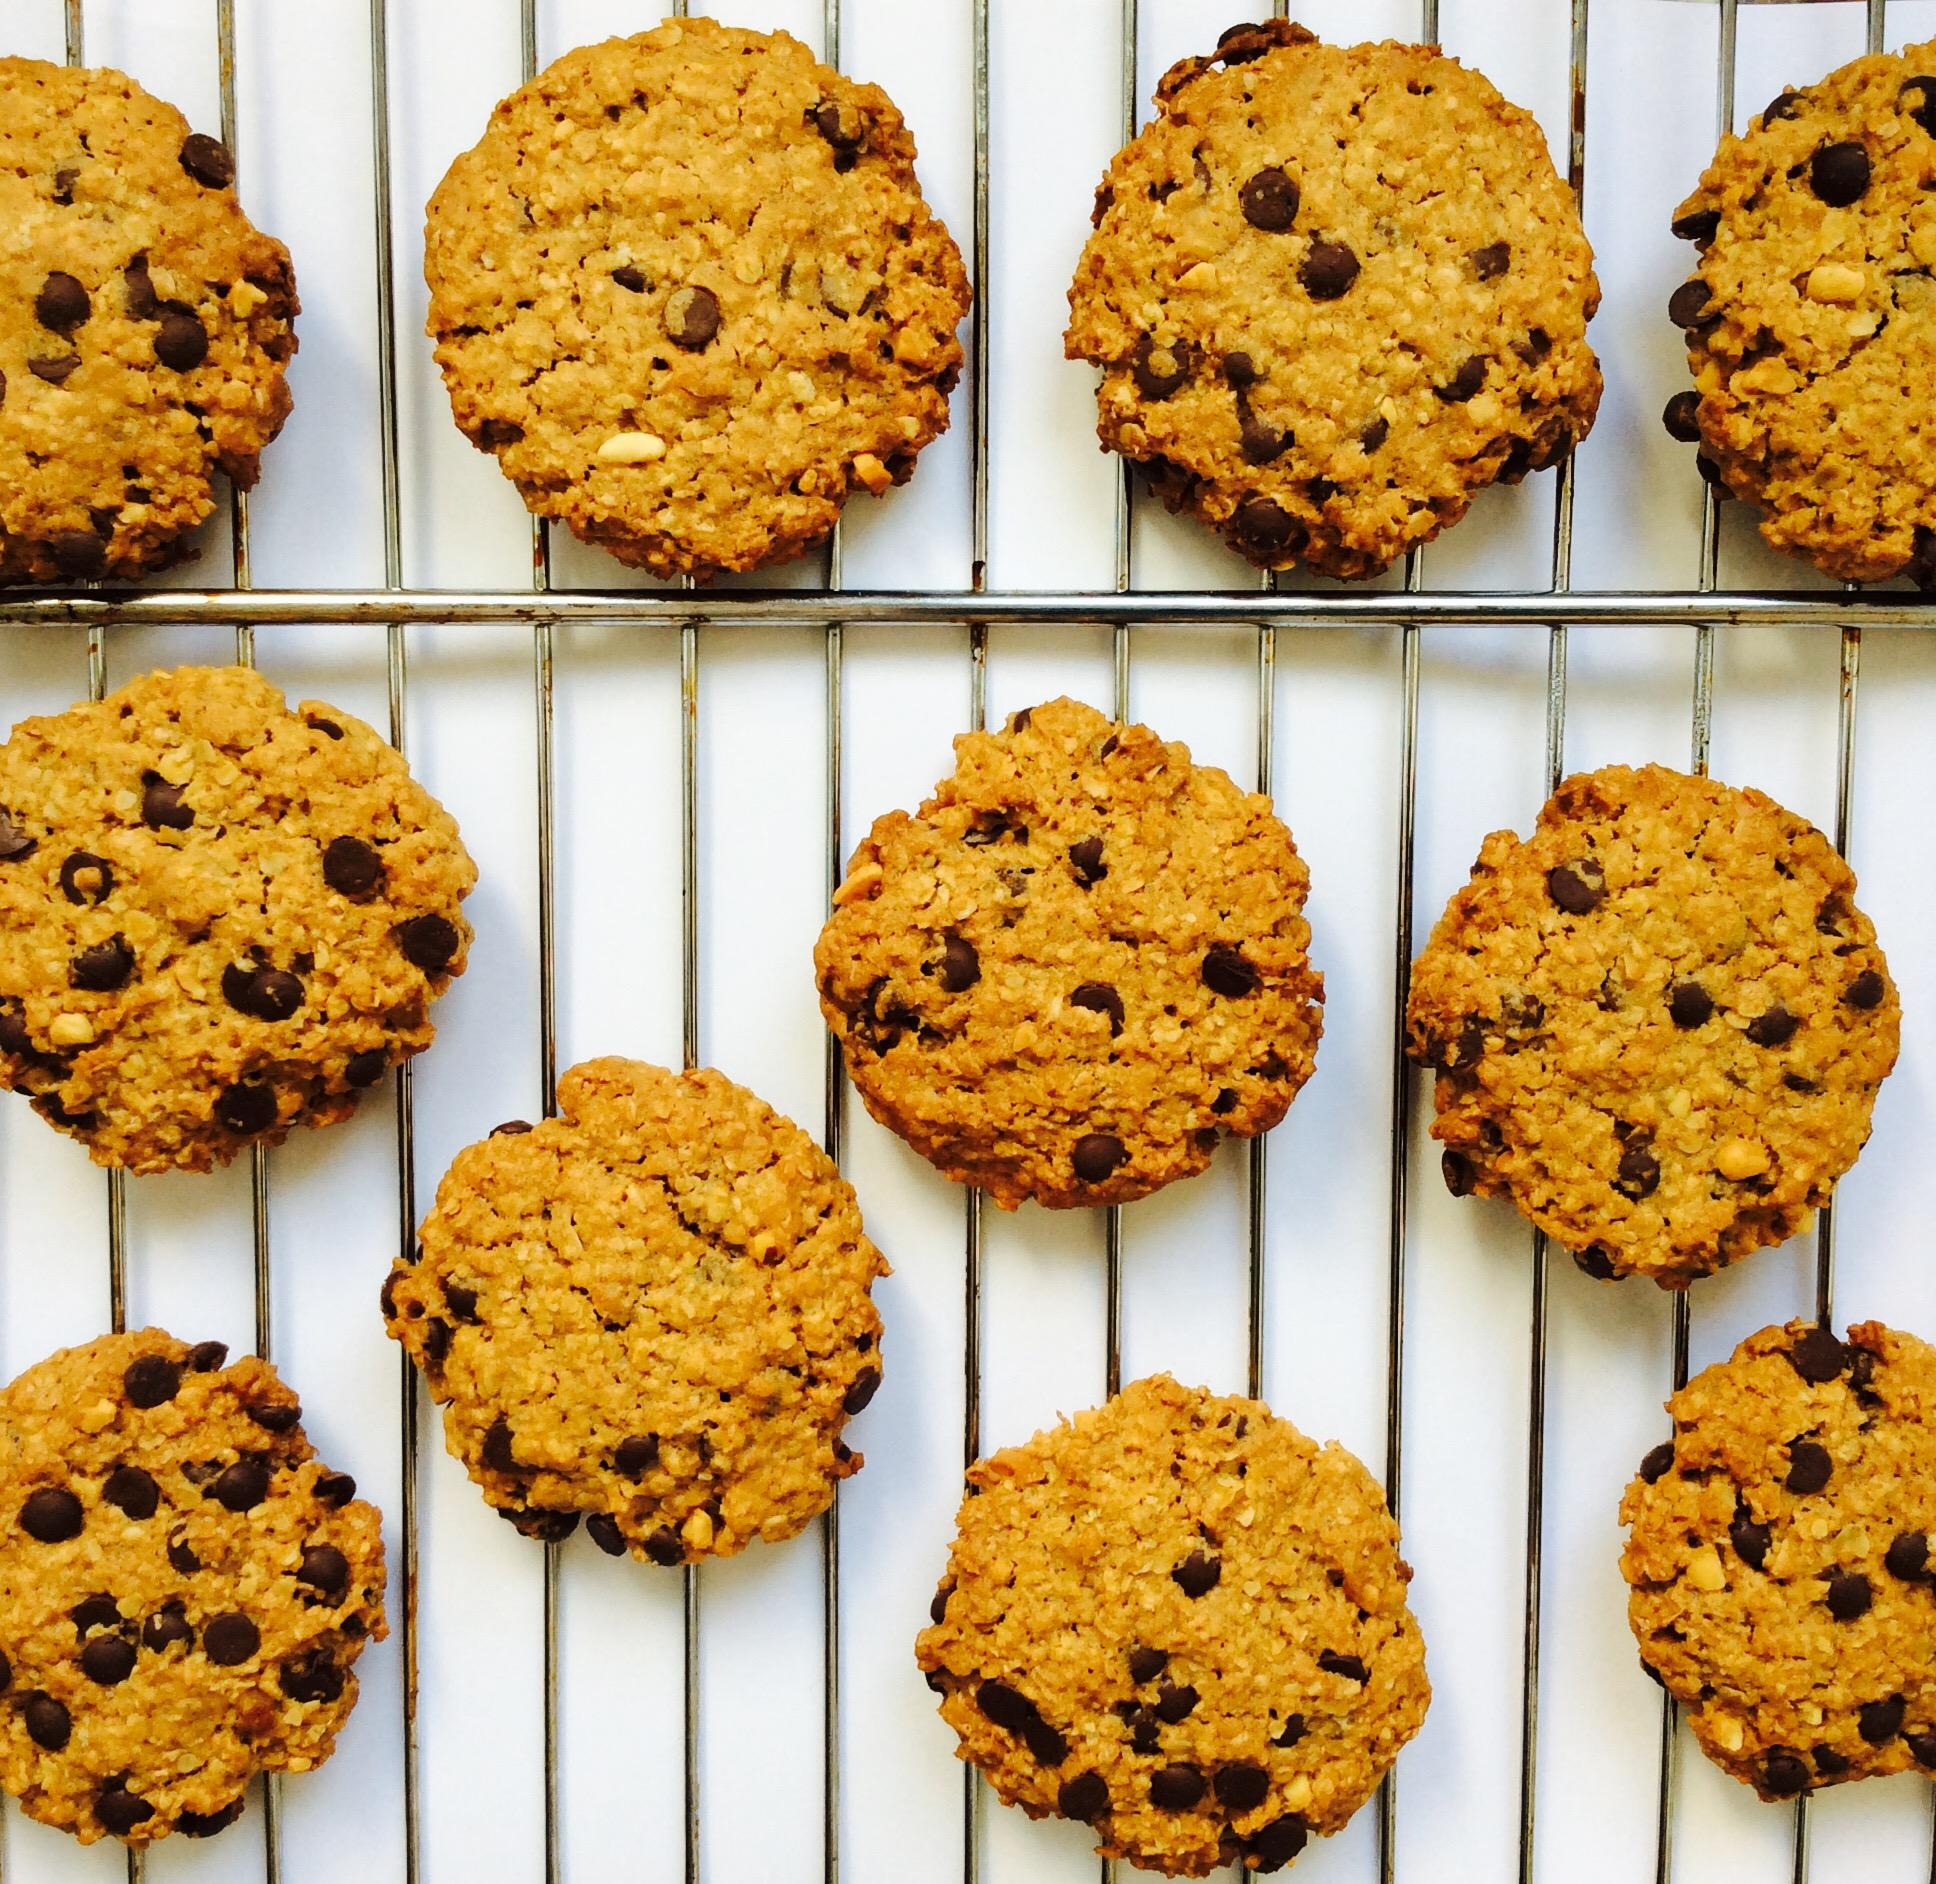 receta-galletas-de-avena-y-mantequilla-cacahuete-ido